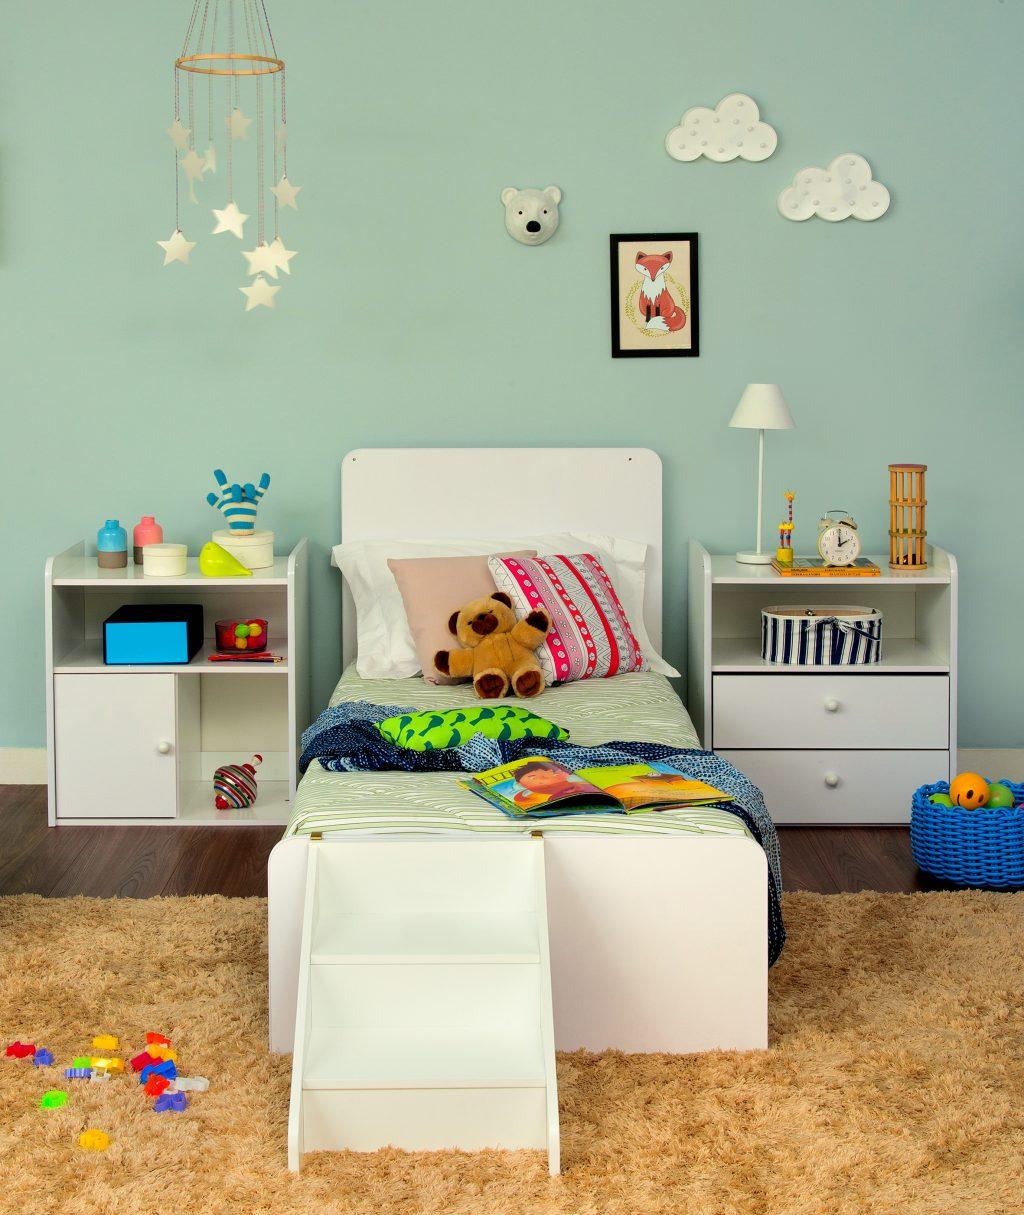 decoração do quarto infantil com cama montessoriana